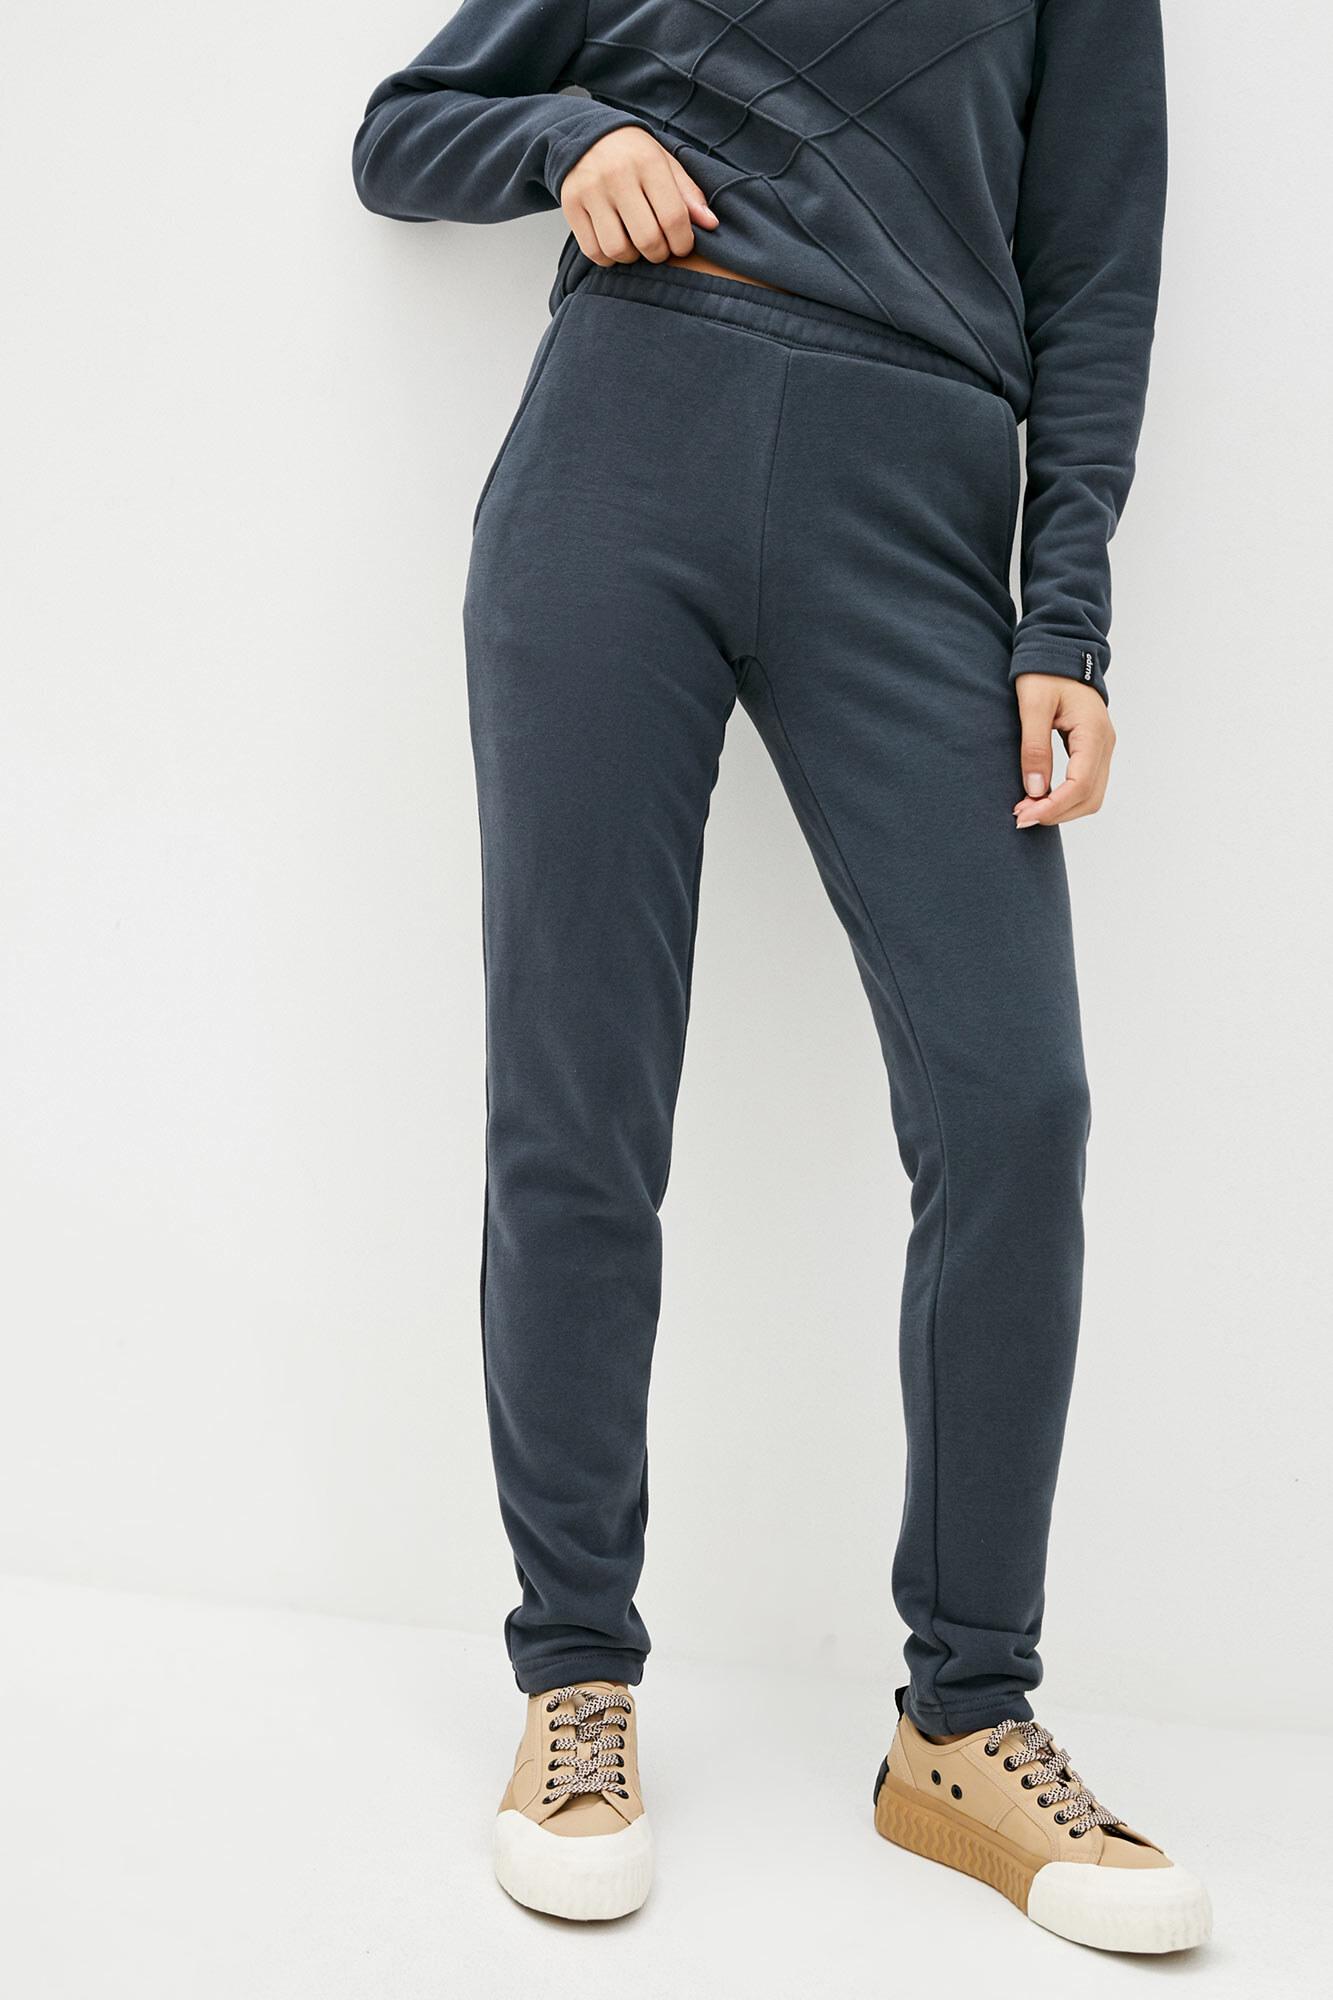 Спортивные хлопковые штаны серого цвета